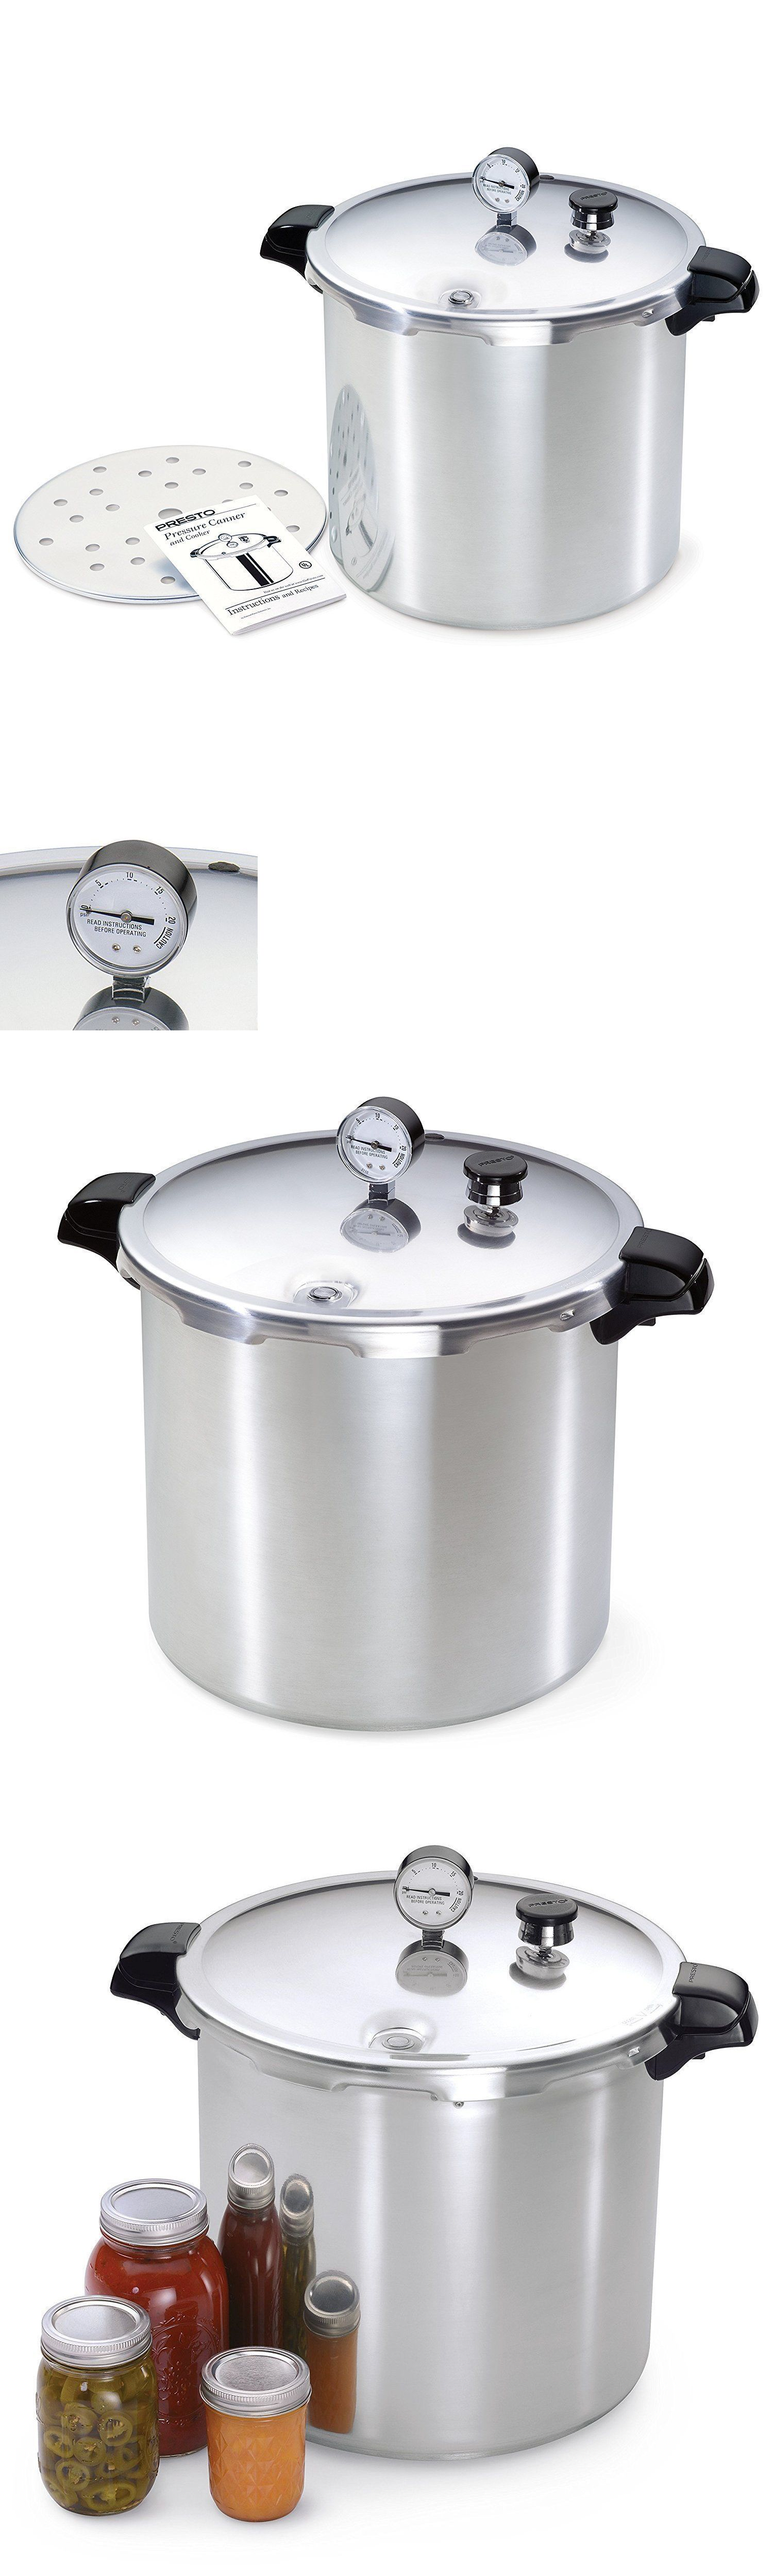 New sale presto pressure canner cooker quart new in box